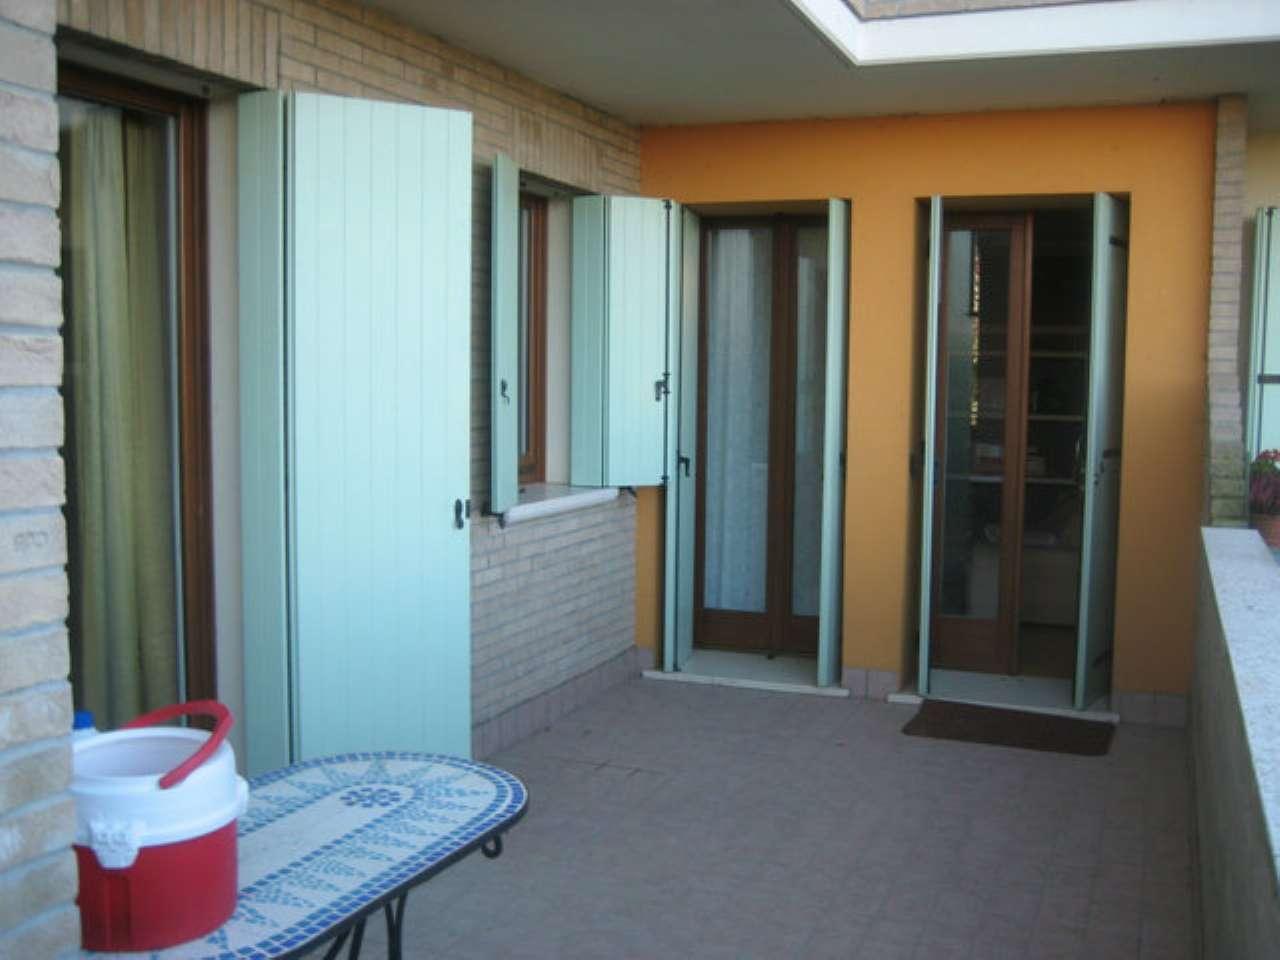 Appartamento in vendita a Camponogara, 2 locali, prezzo € 99.000 | Cambio Casa.it